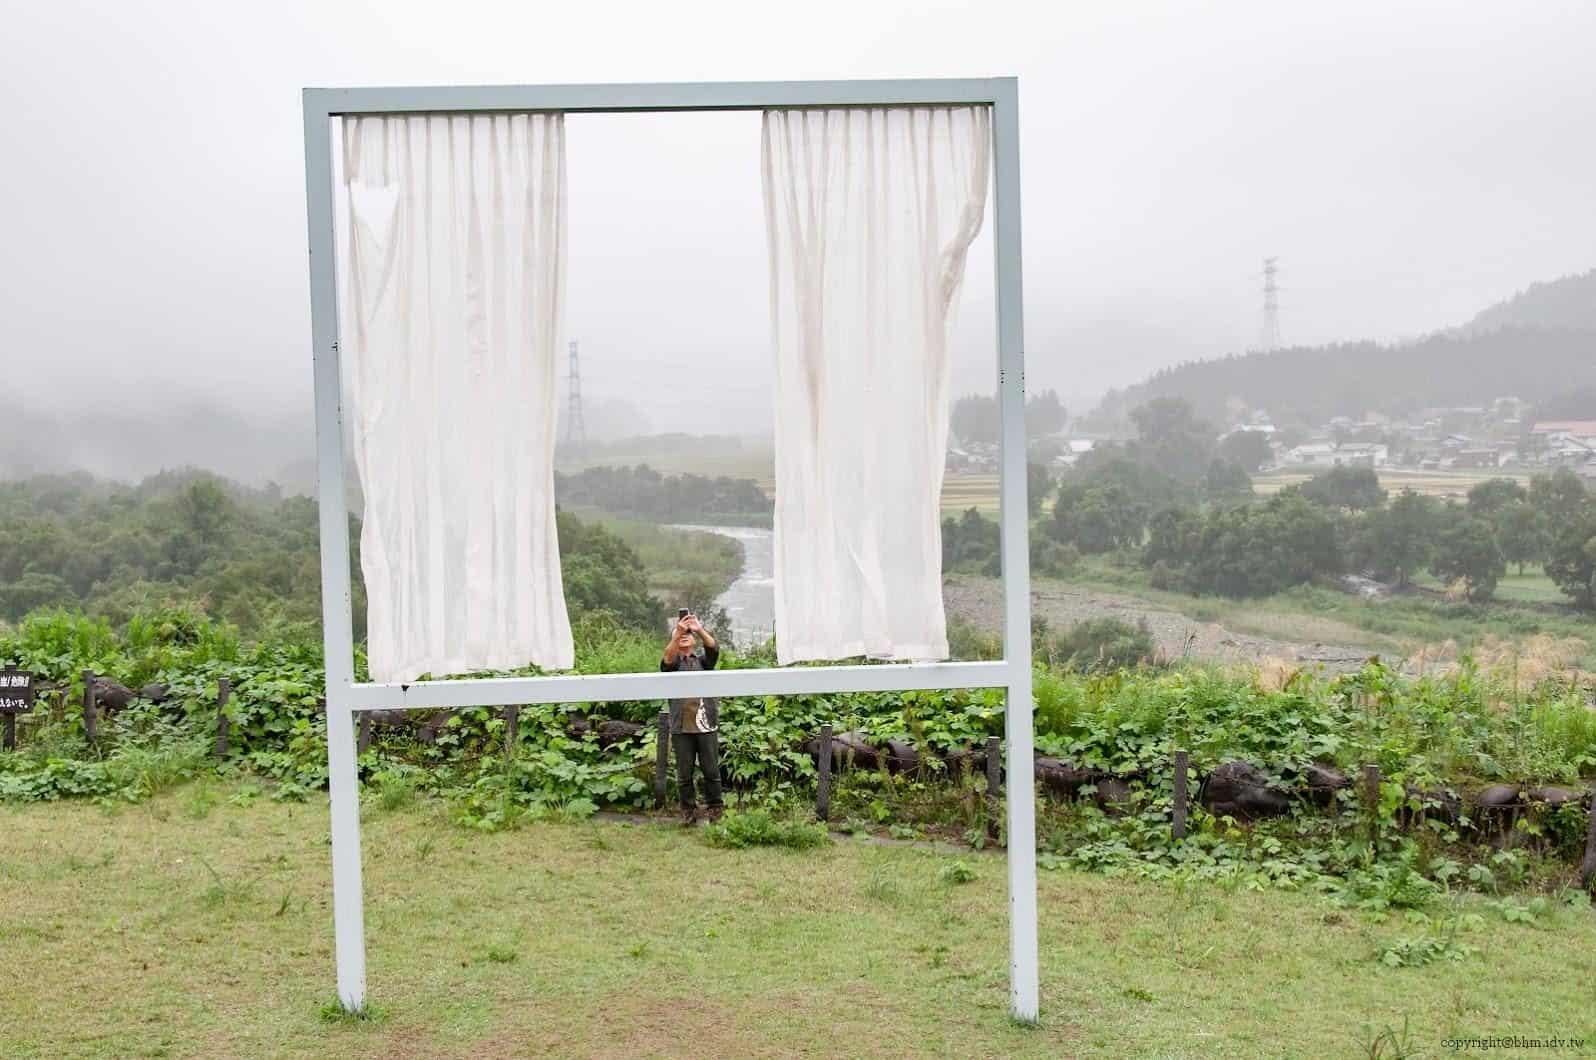 內海昭子,為了無數失去之窗,窗框內窗框外的視野切換,自己與自然,窗內與窗外,攝影者與被攝者,產生不斷的交錯 為了無數失去之窗 為了無數失去之窗 for lots of lost windows 02 0x0